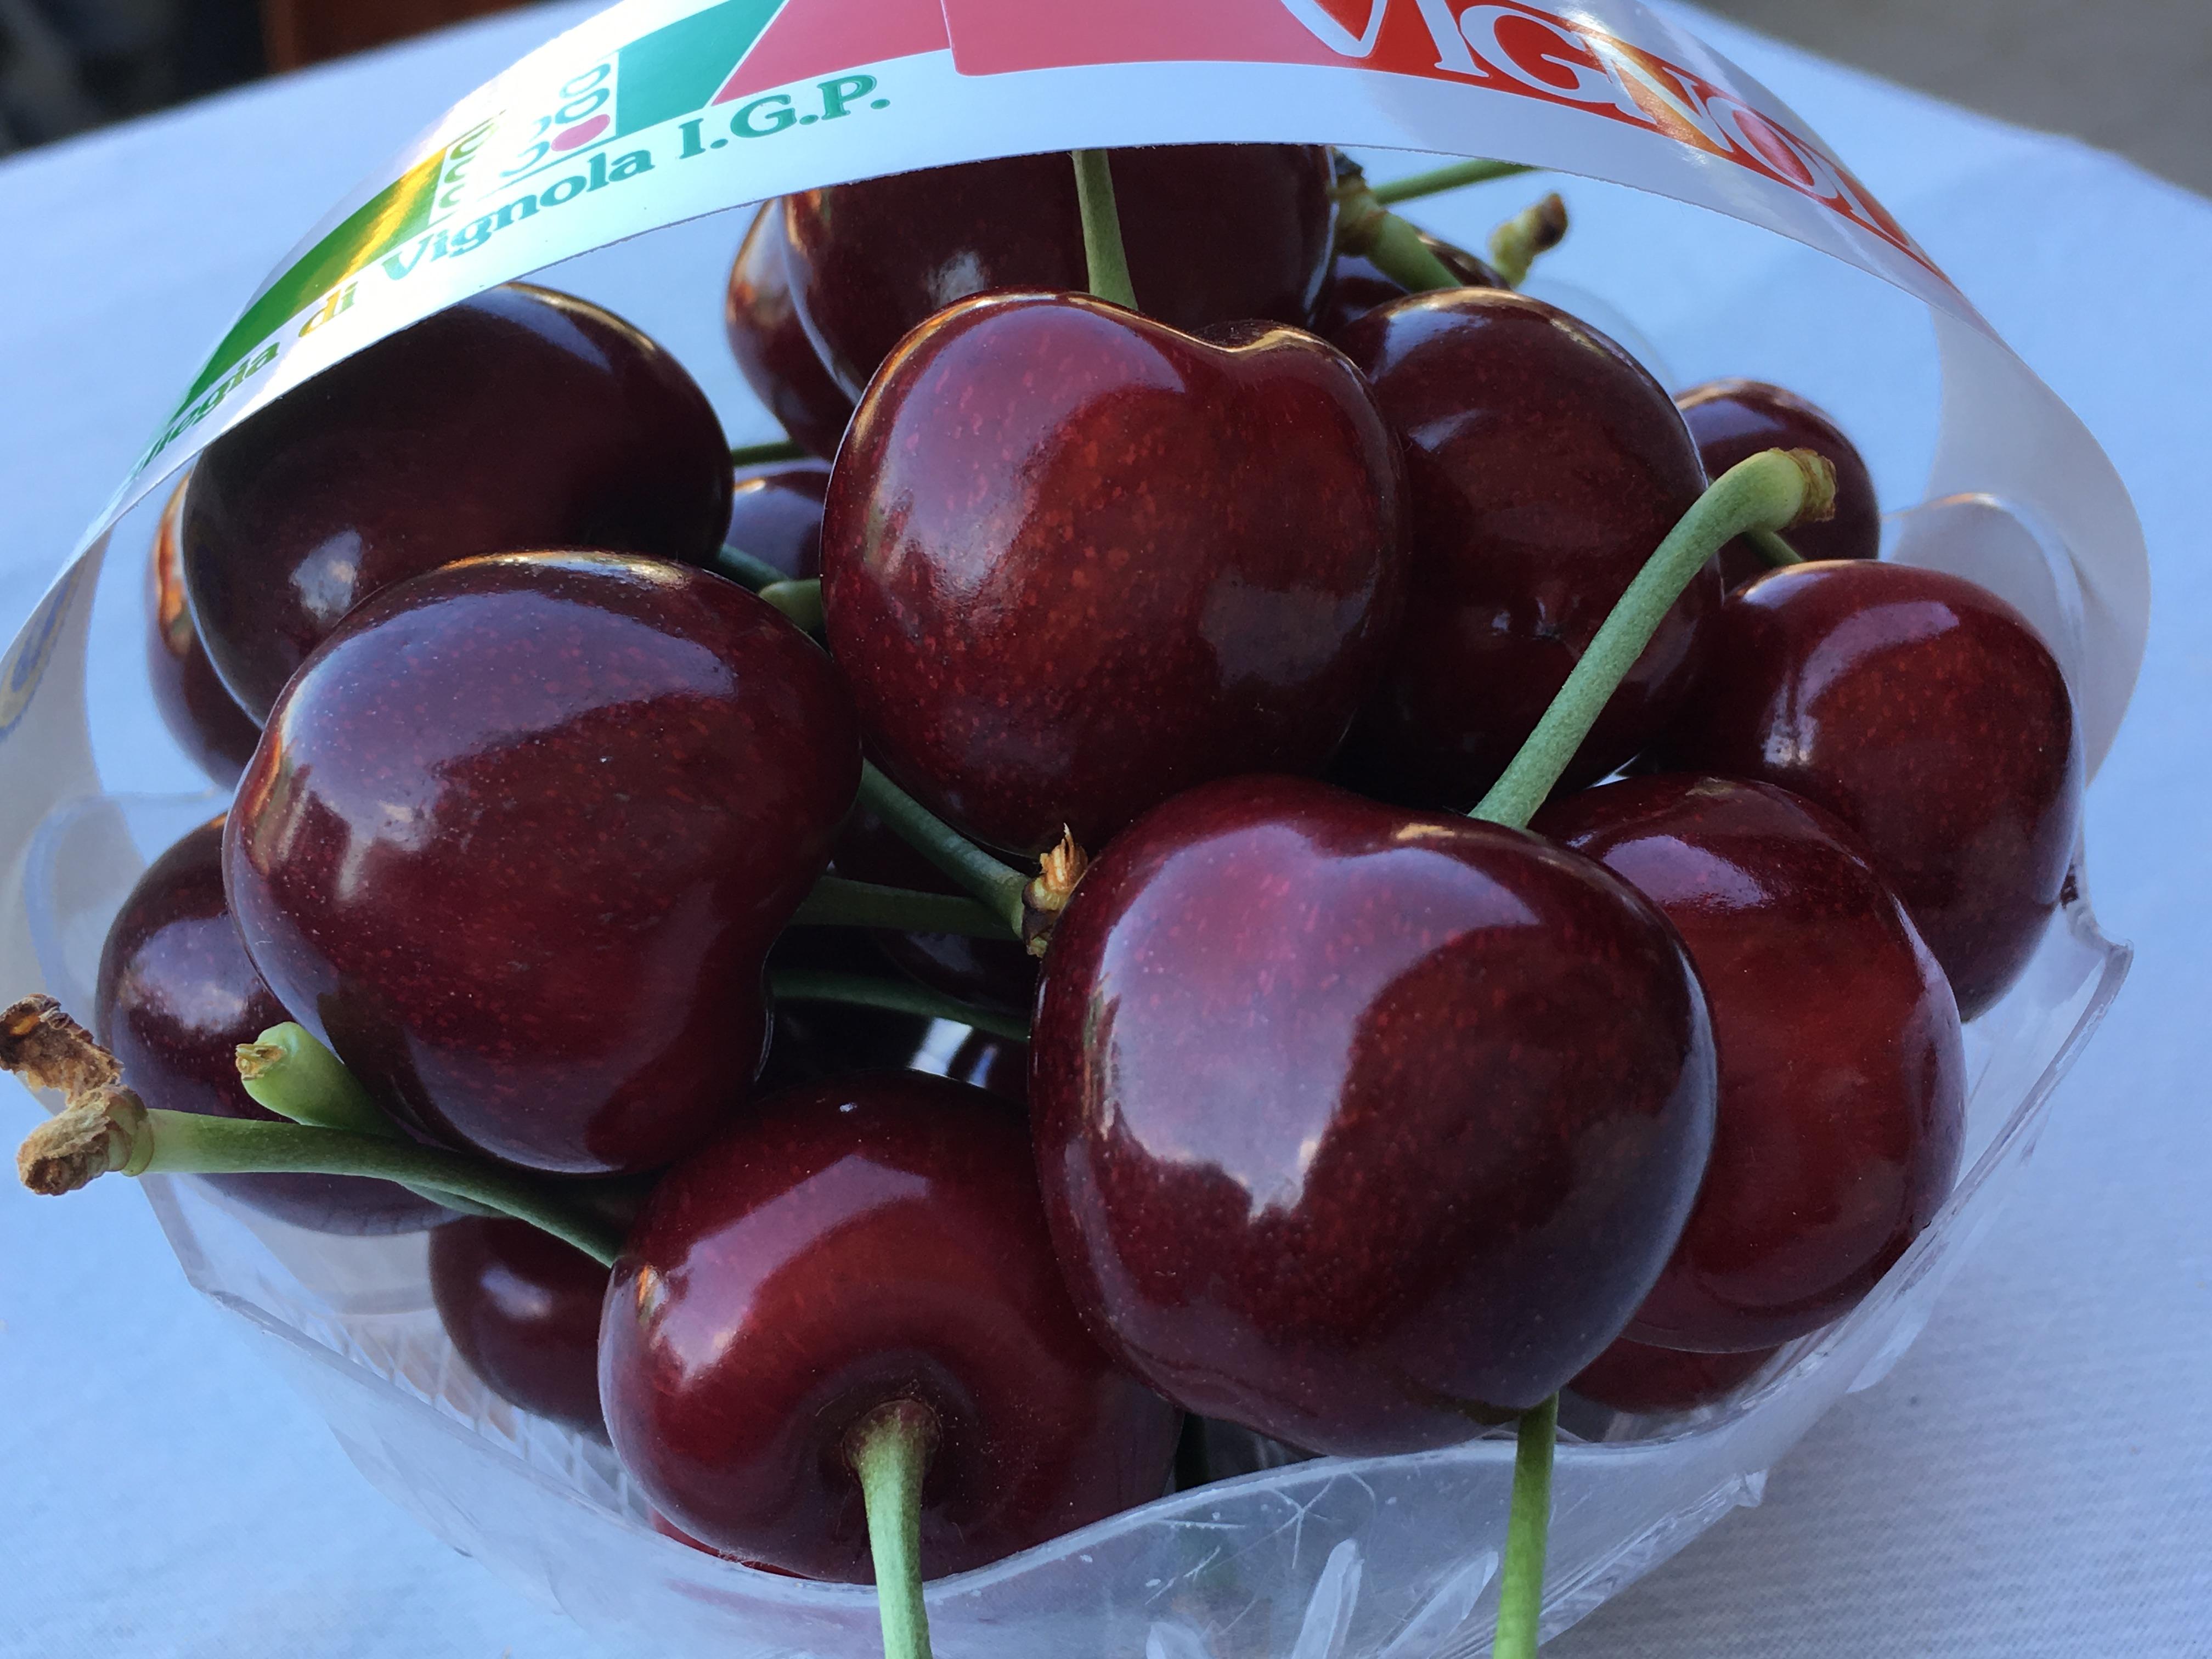 Le ciliegie di Vignola IGP, coltivate con QdC® dall'Acetaia antichi sapori